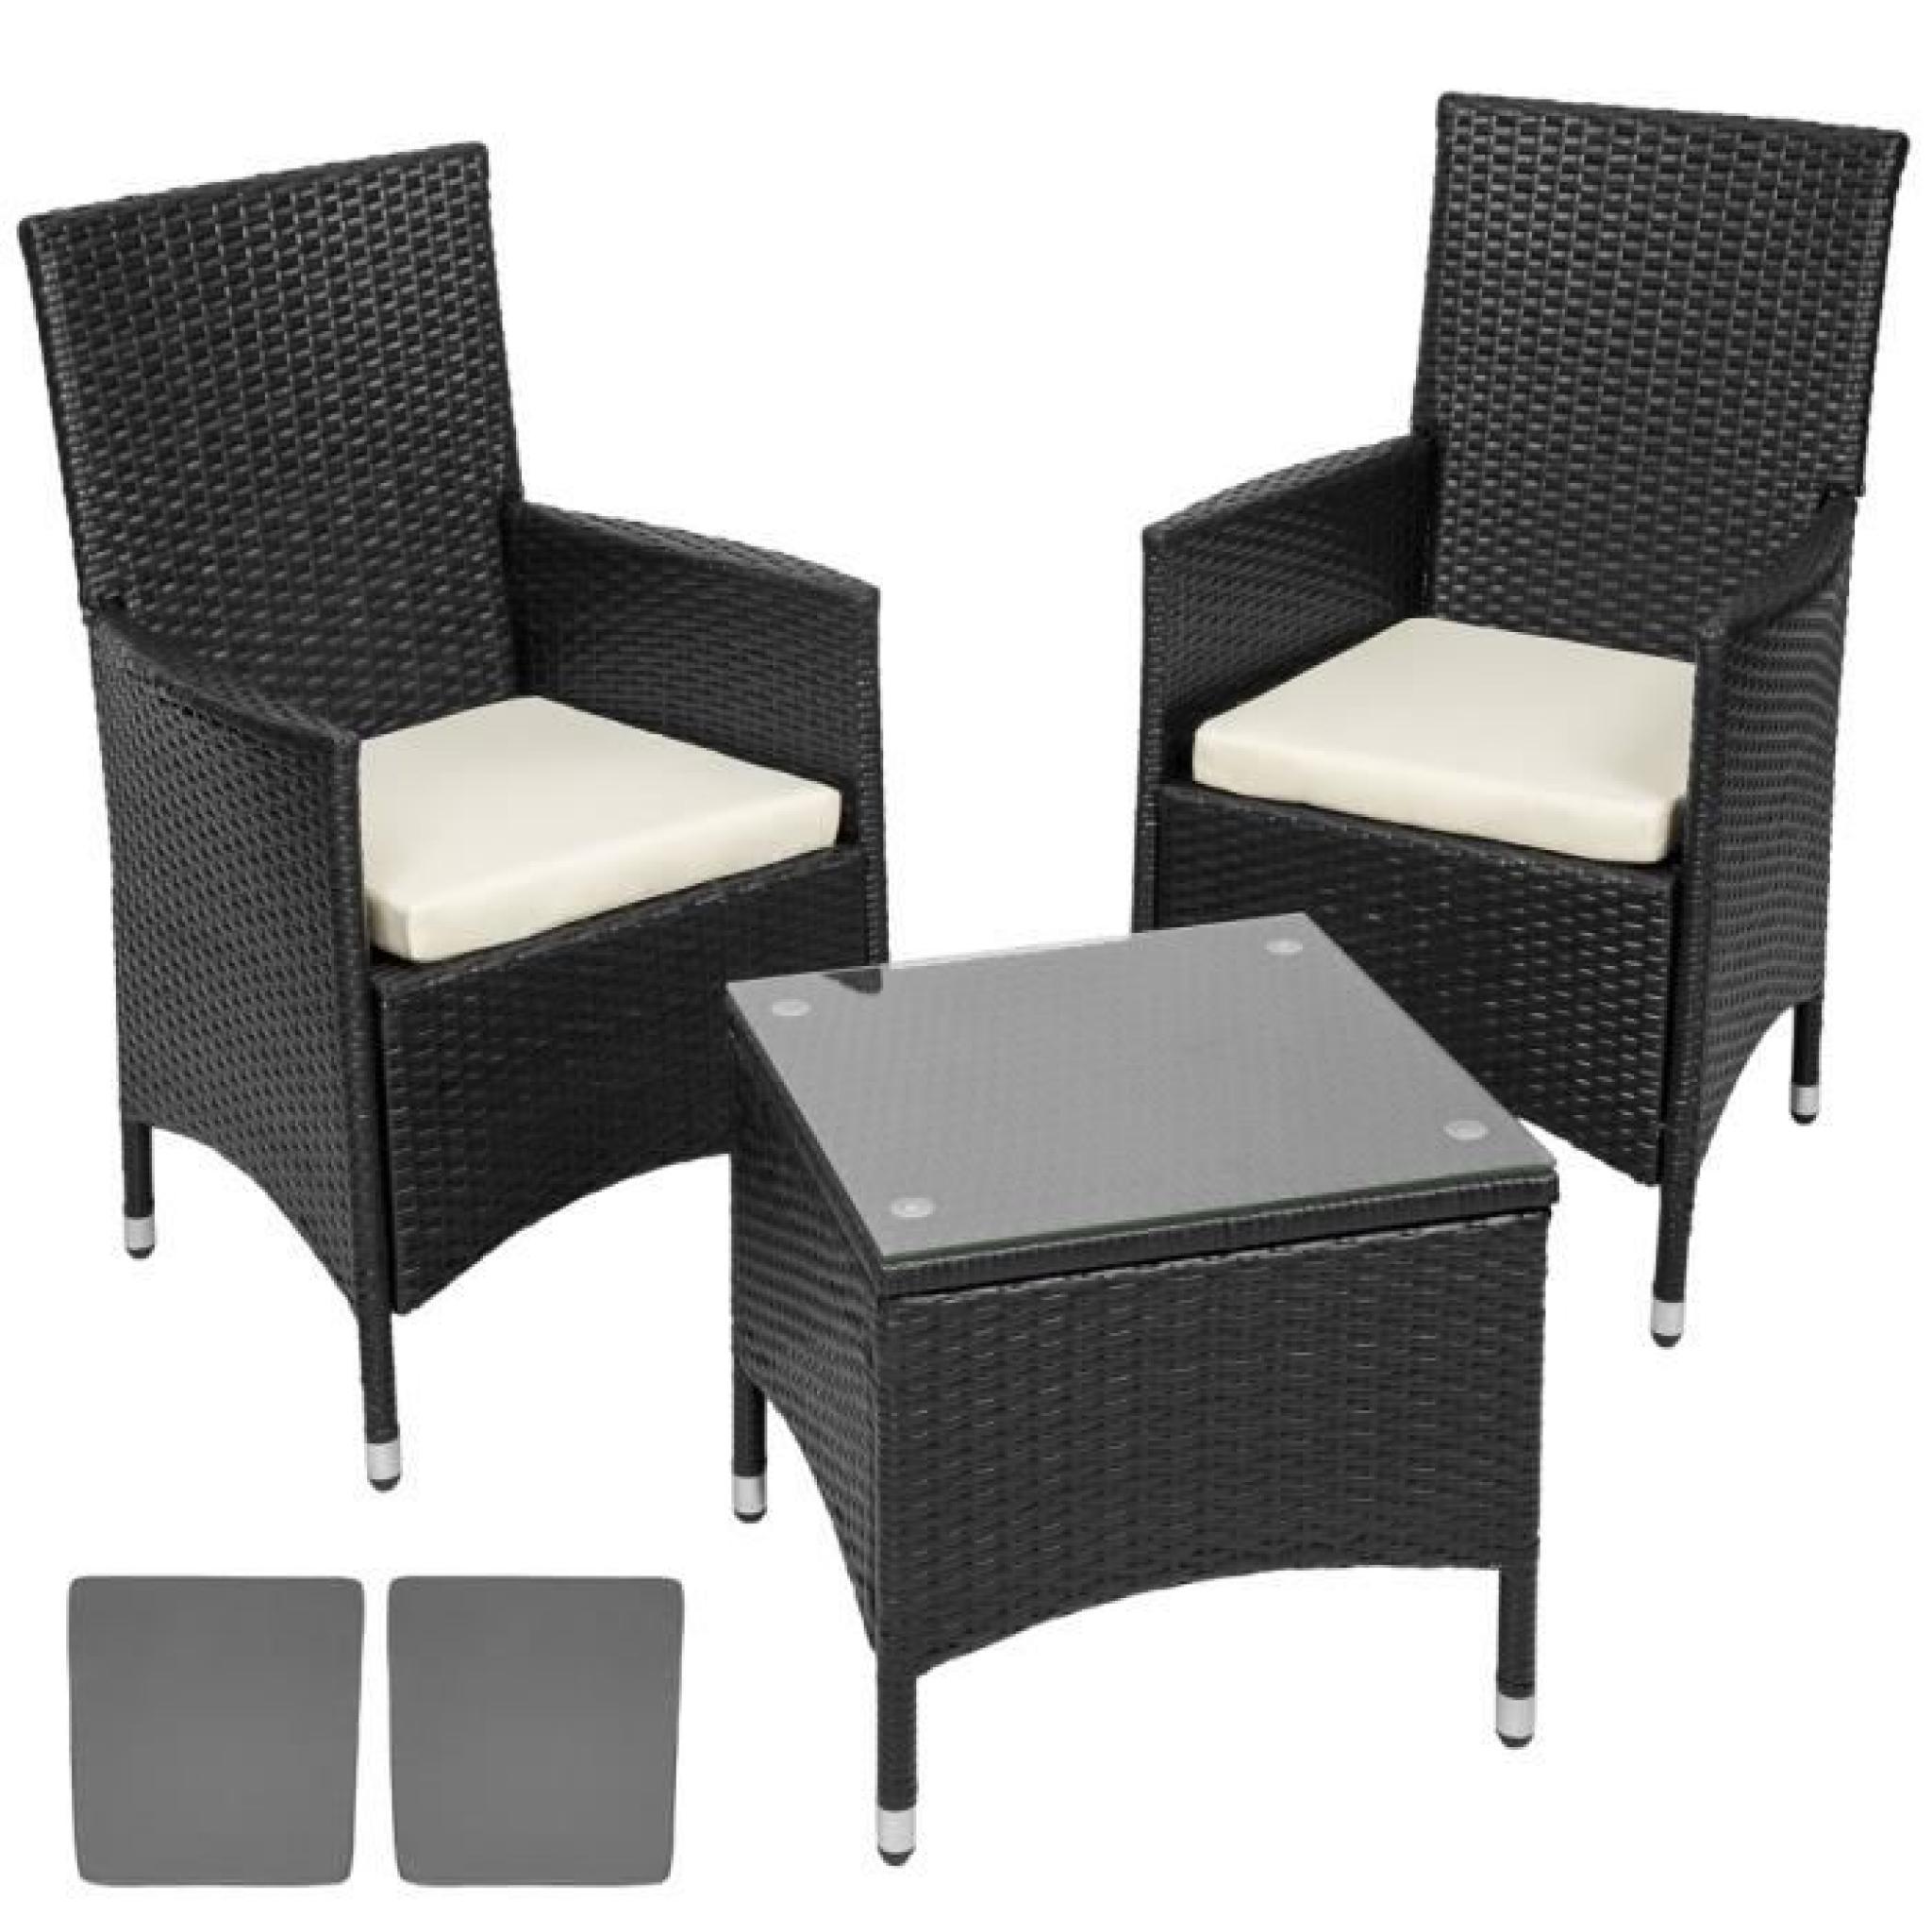 Salon de jardin Ambre - 2 Chaises Fauteuils et 1 Table en Résine Tressée  POLY ROTIN structure Aluminium Marron Noir TECTAKE